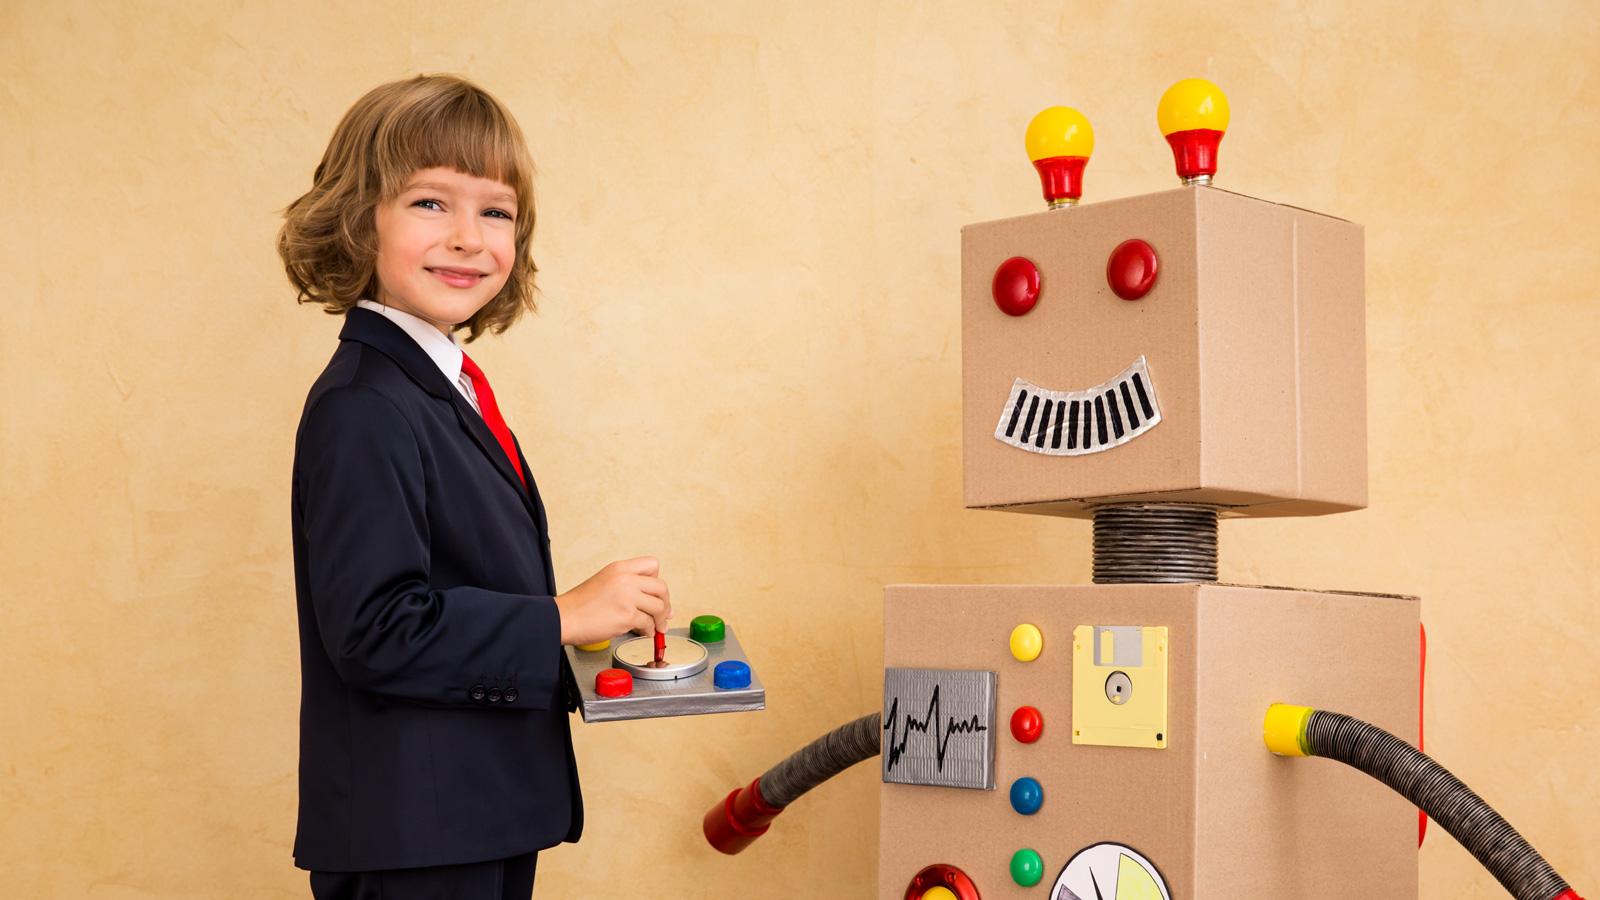 Prognozy na 2020 - Wzrost o 30% nakładów na robotyzację, 500 000 nowych miejsc pracy! Rekrutacja young businessman with robot PT8EBN8